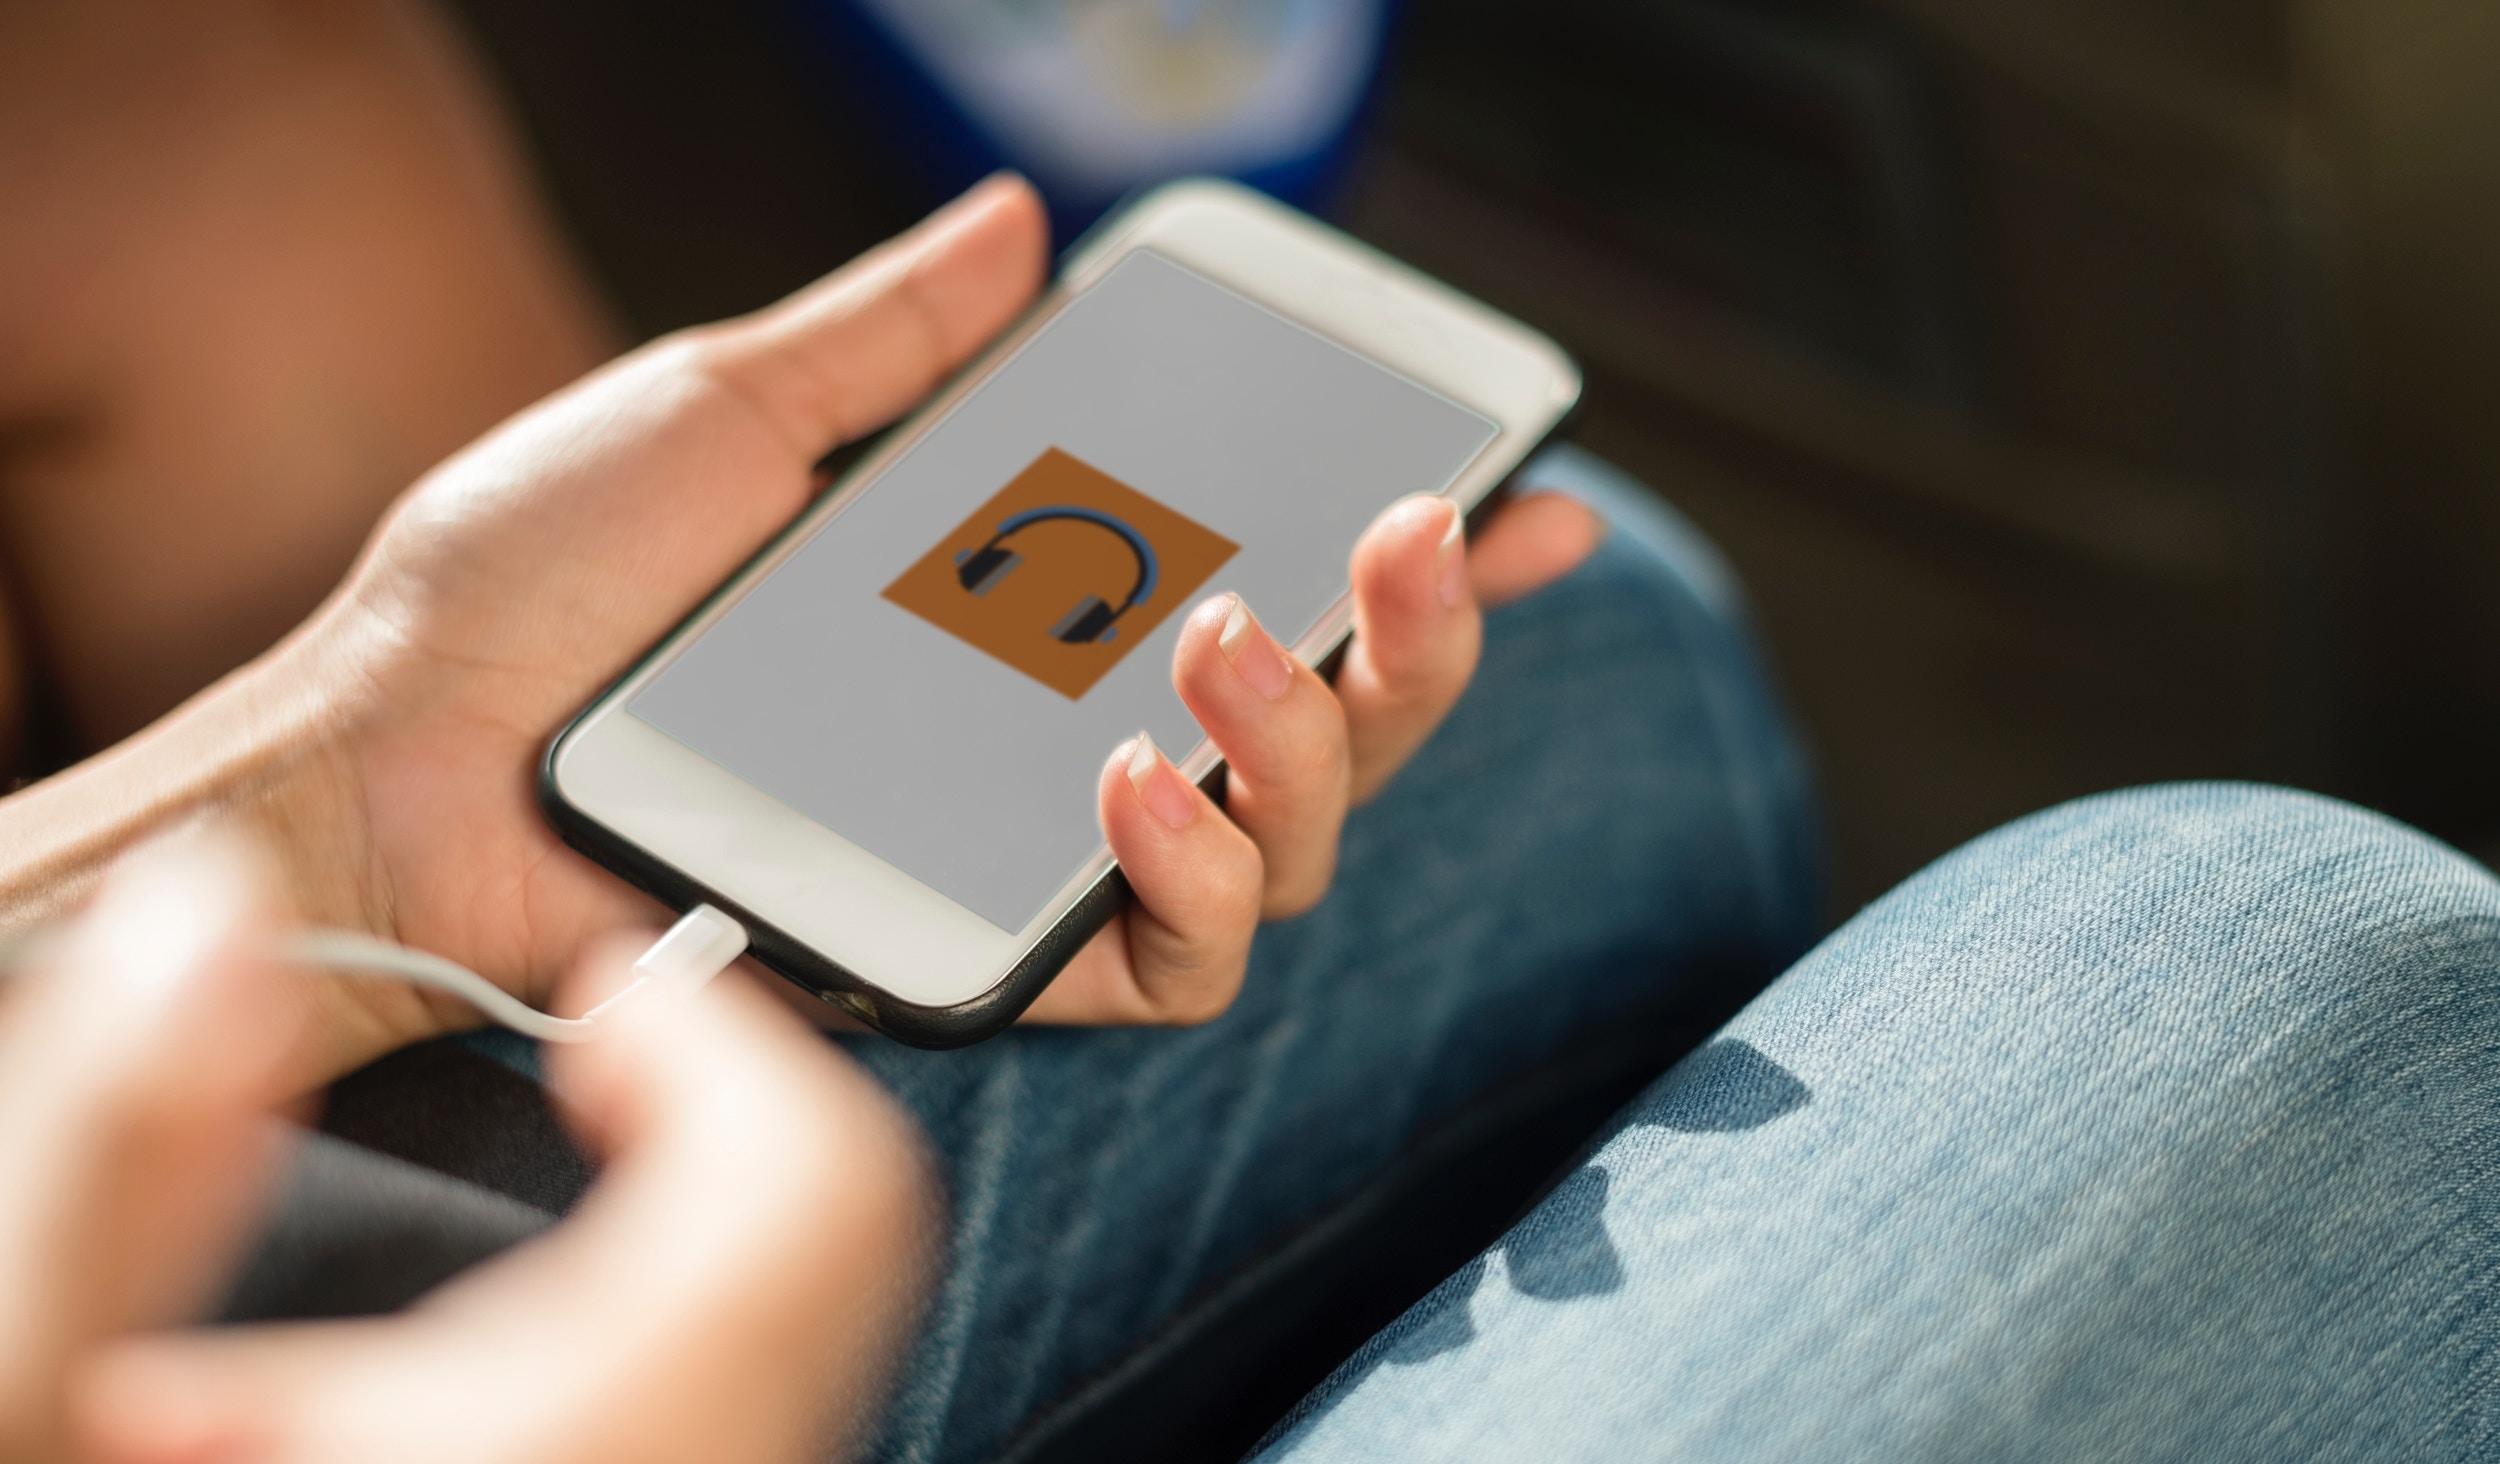 Ce aplicatii pentru volum puteti instala pe smartphone?